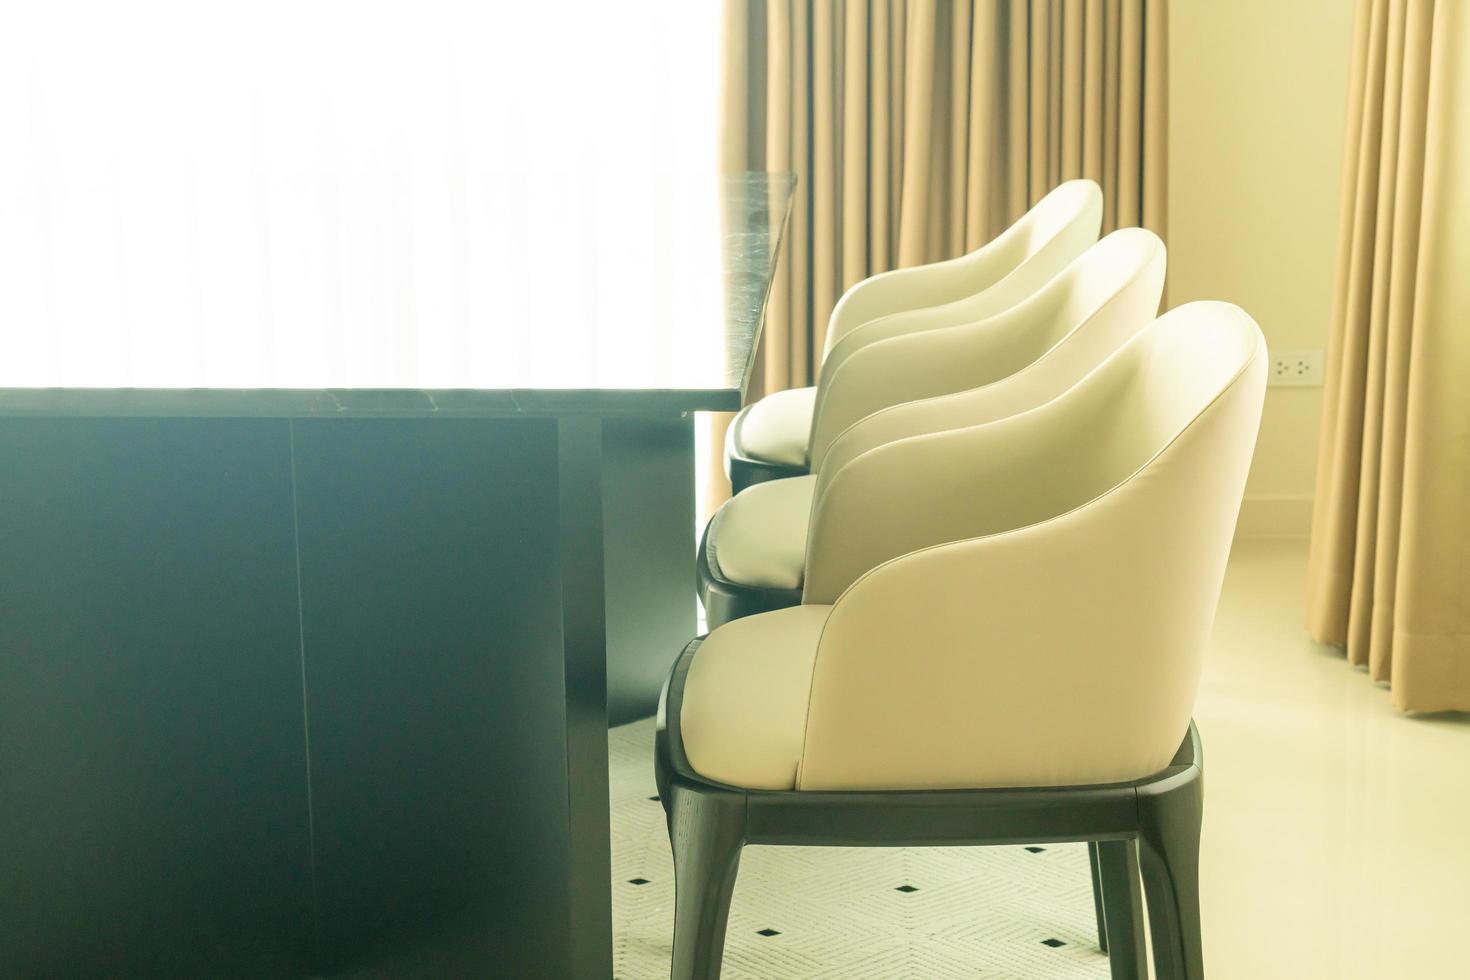 ensemble de table à manger vide et décoration de chaise à la maison photo